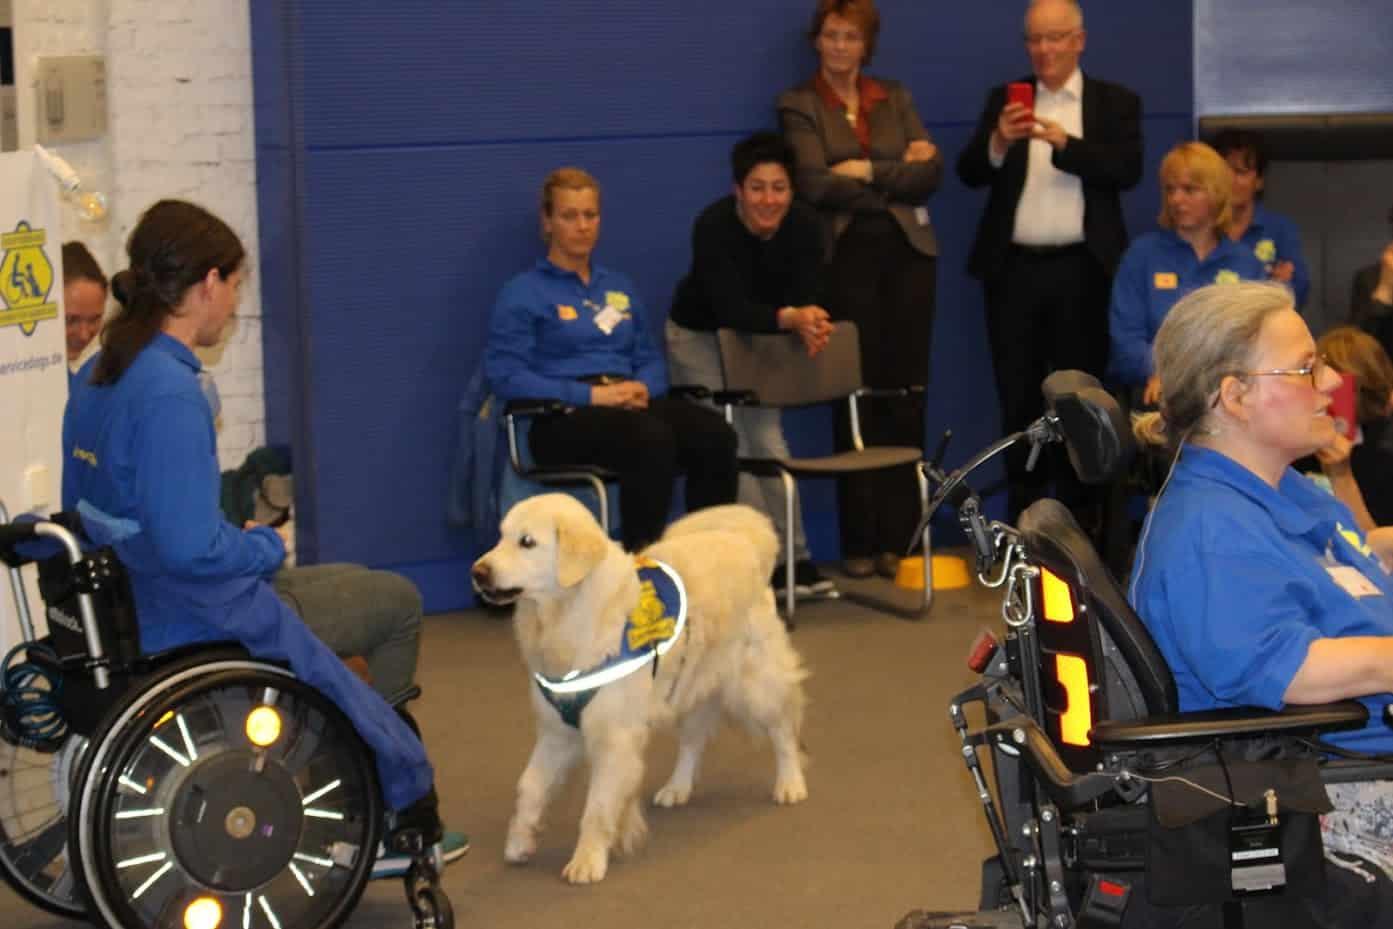 Foto Vorführung Veranstaltung im Bundestag :: Auf dem Foto sieht man wie der Assistenzhund Mars zu seiner Halterin blickt. Die junge Assistenzhundehalterin sitzt im Rollstuhl. Im Hintergrund sind Zuschauer zu sehen.